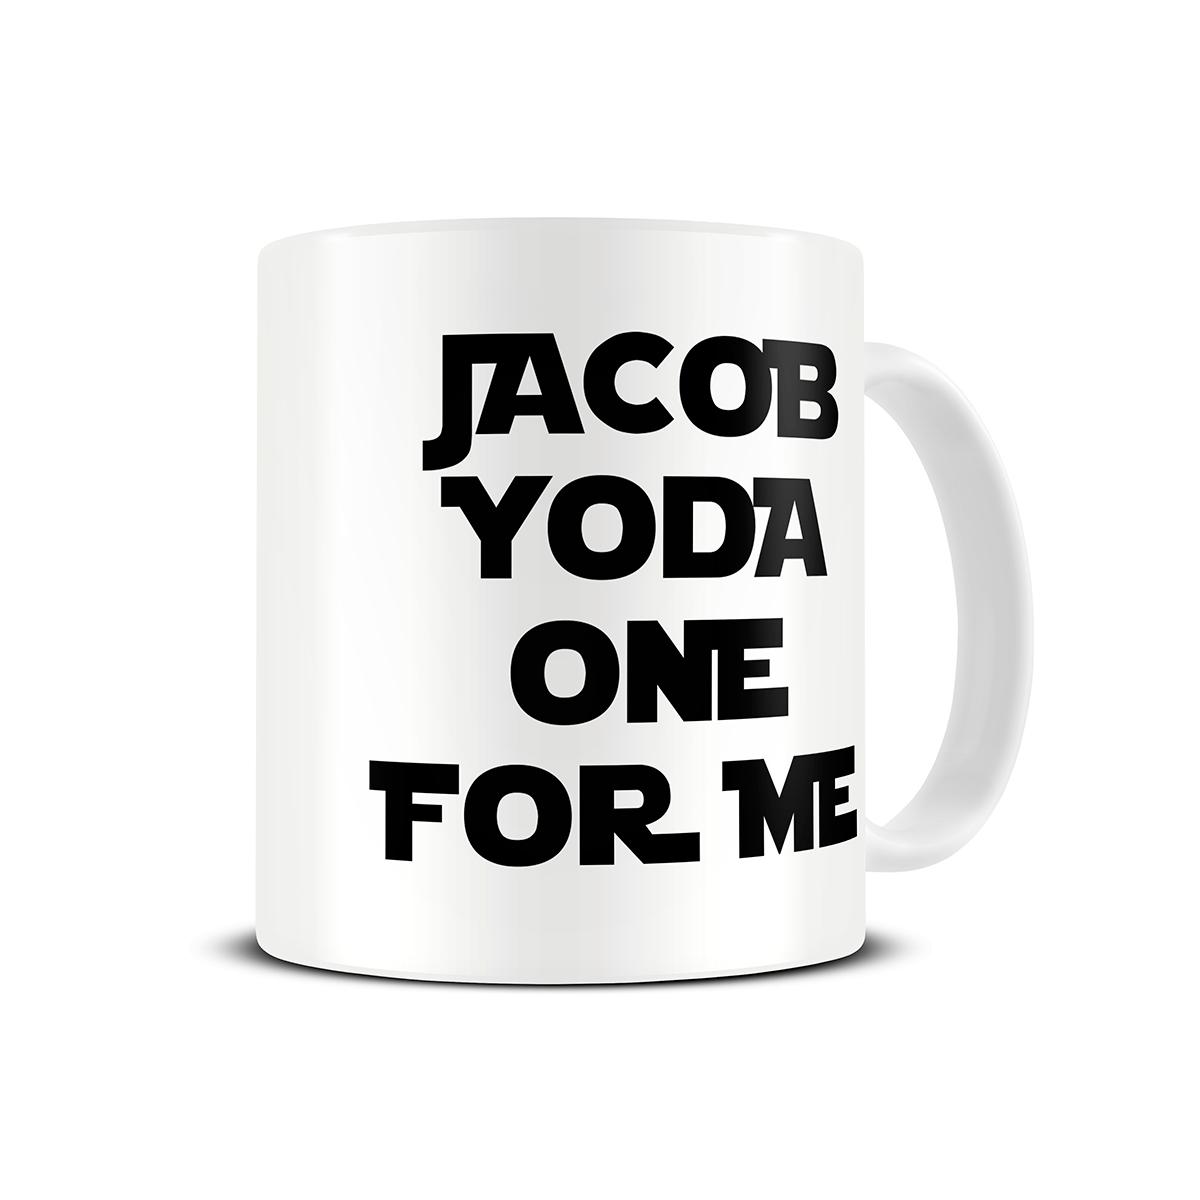 yoda-one-for-me-boyfriend-gift-mug